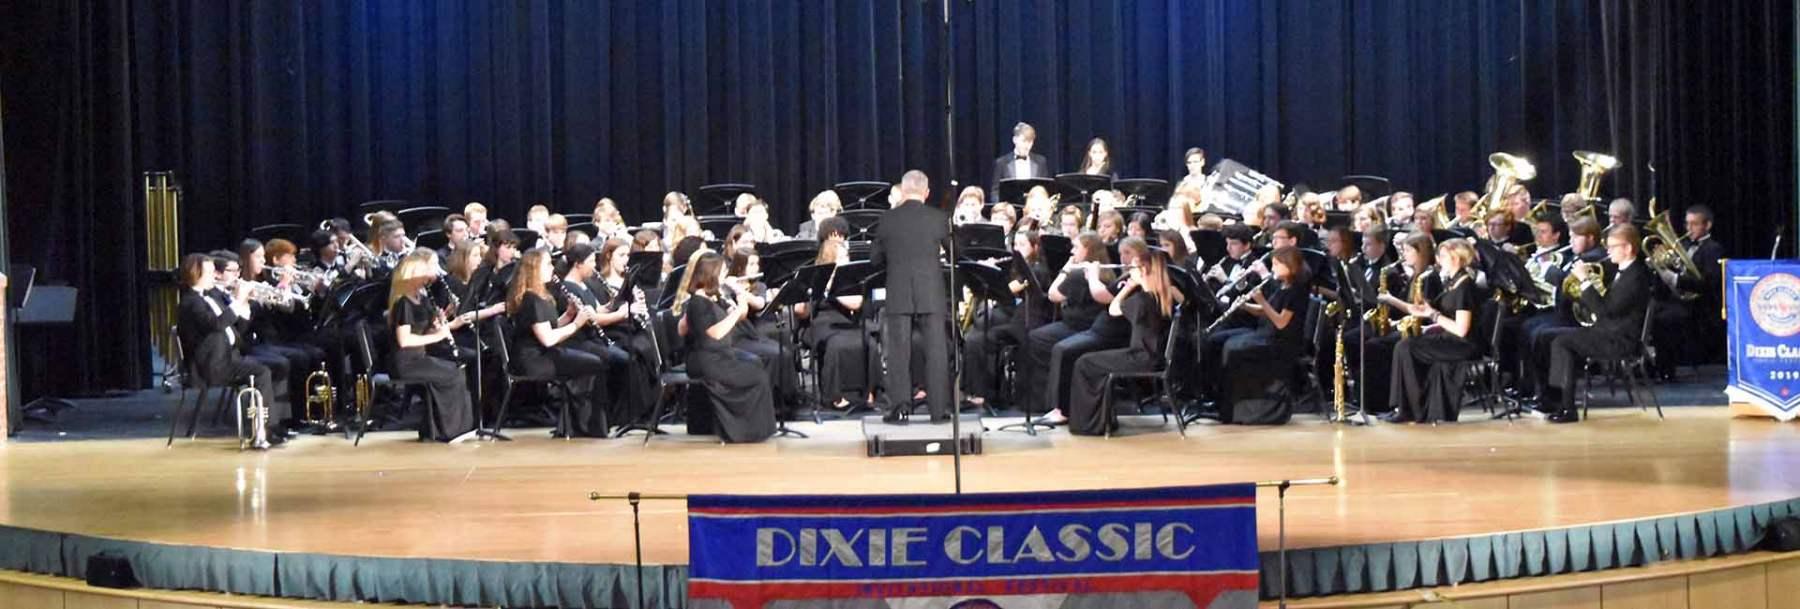 2019 Dixie Classic